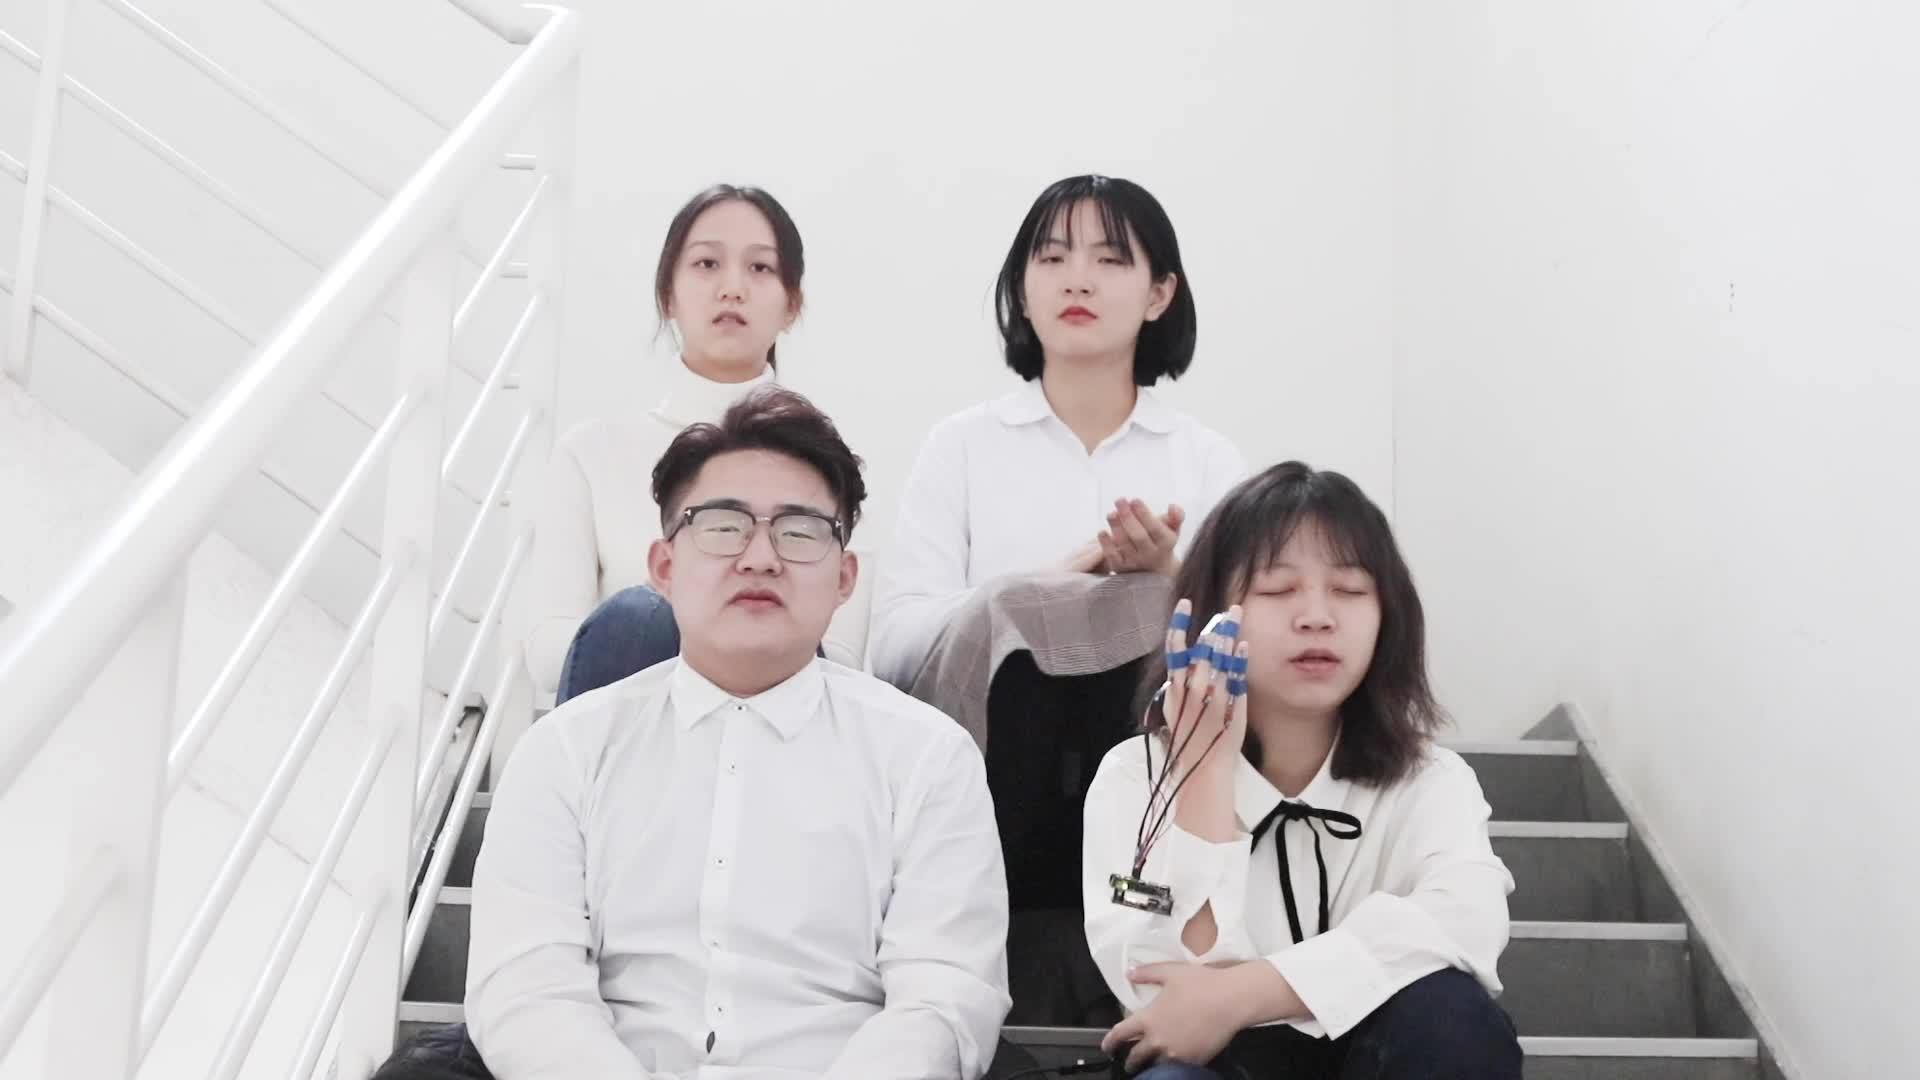 122 清华大学 信息艺术设计系殷佳宇、李玥霖、段佳希、刘凌君